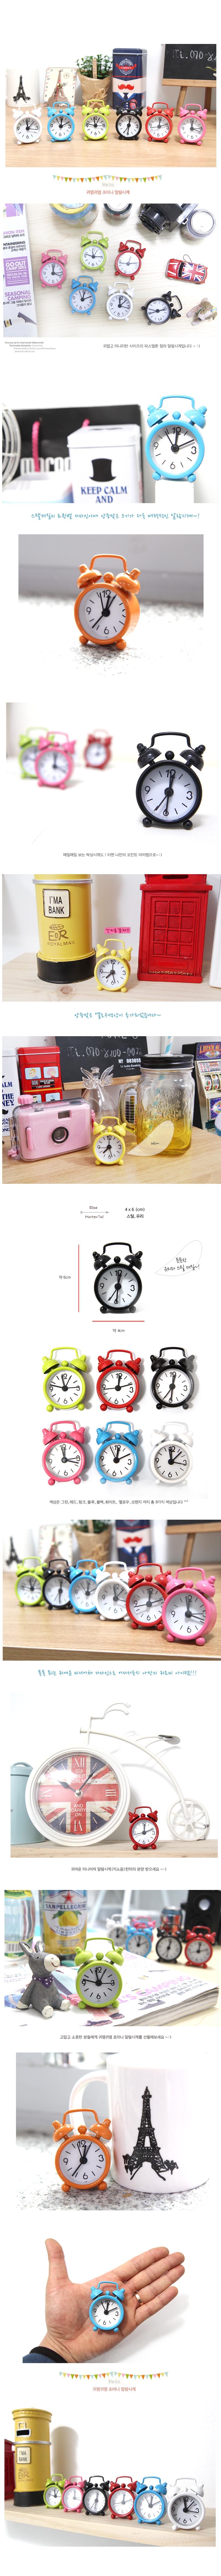 귀염귀염초미니알람시계 - 미스터고물상, 3,040원, 알람/탁상시계, 알람시계